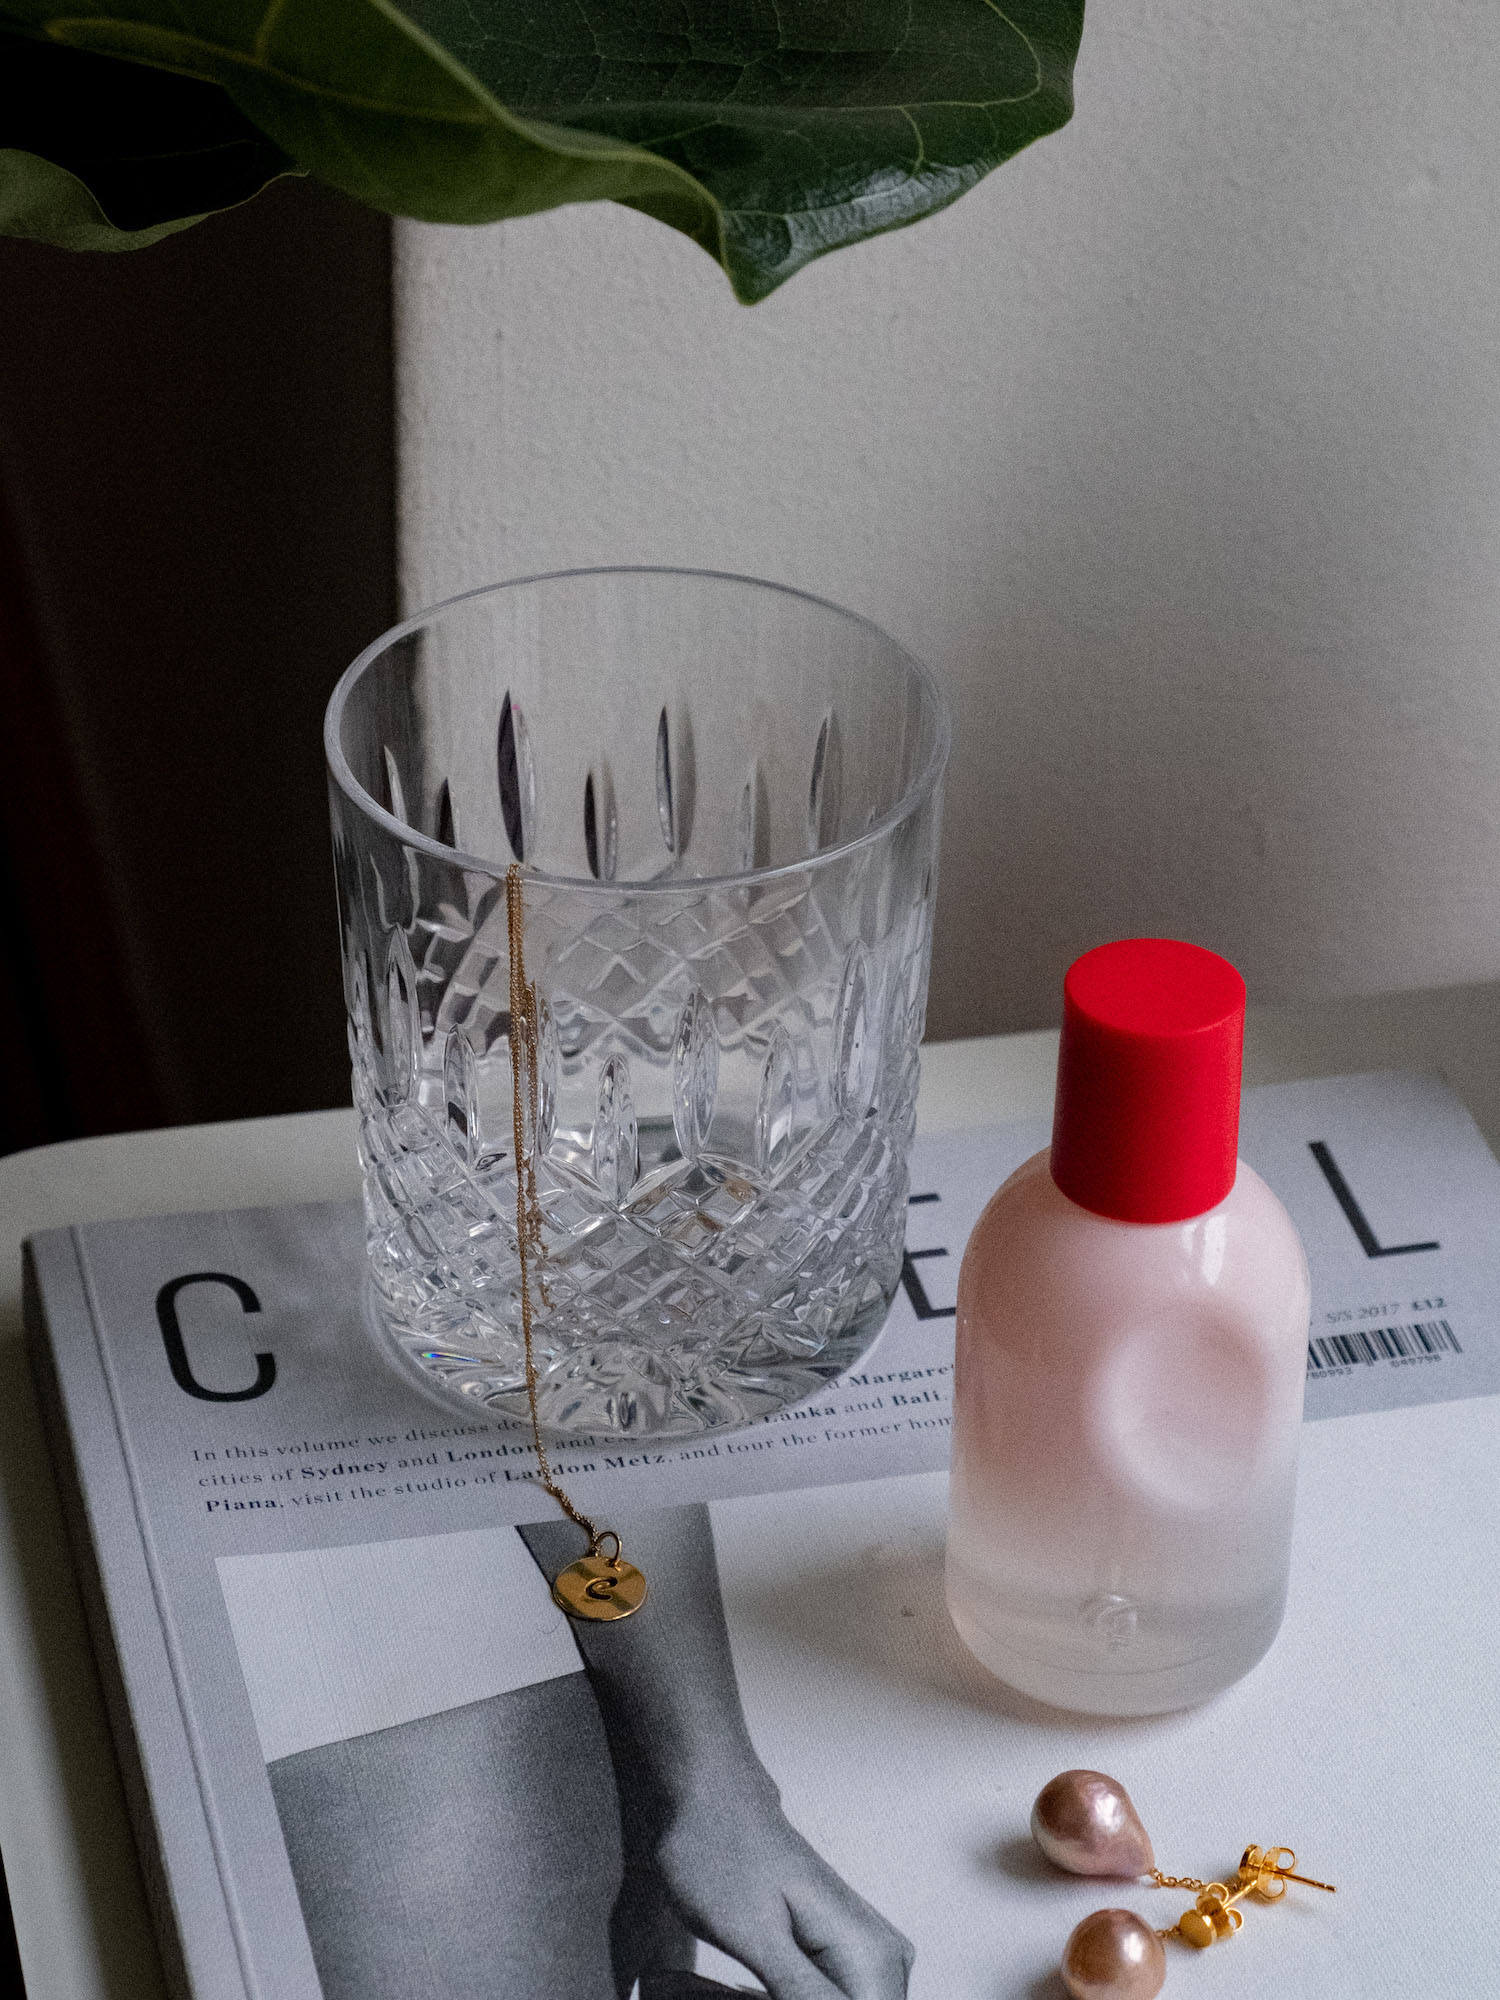 Beautyblog Bare Minds Glossier Parfum Your review deutsch